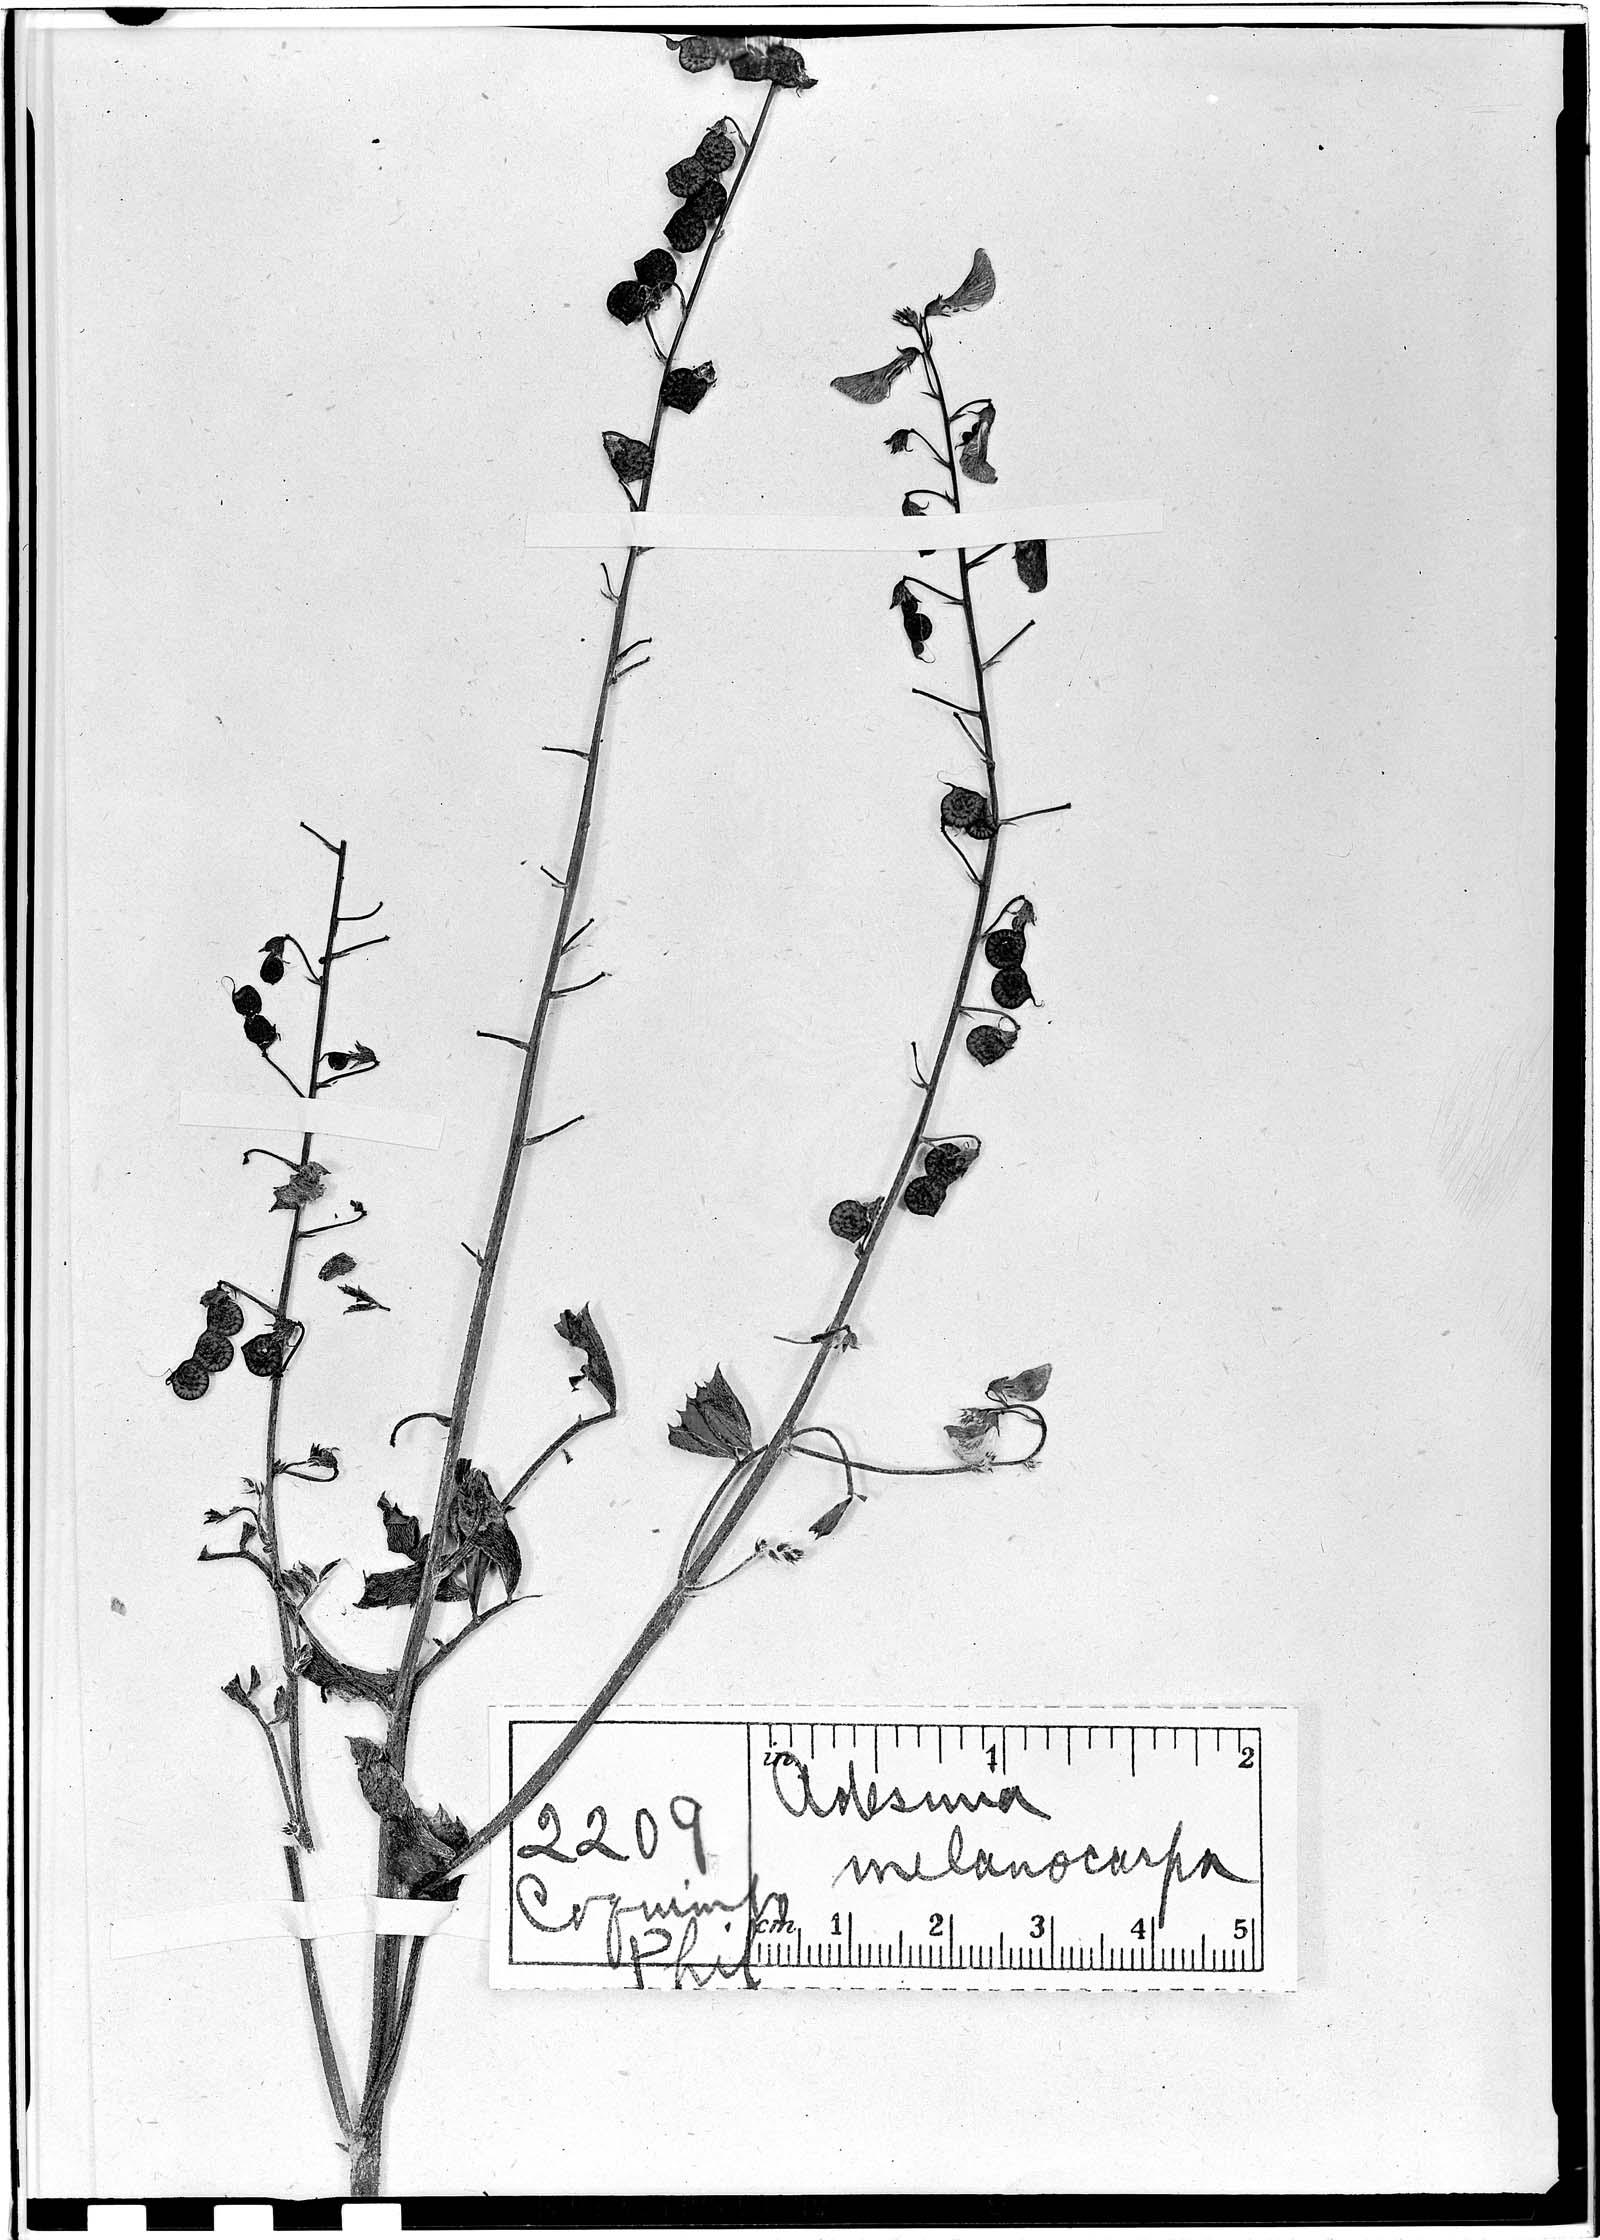 Adesmia melanocarpa image